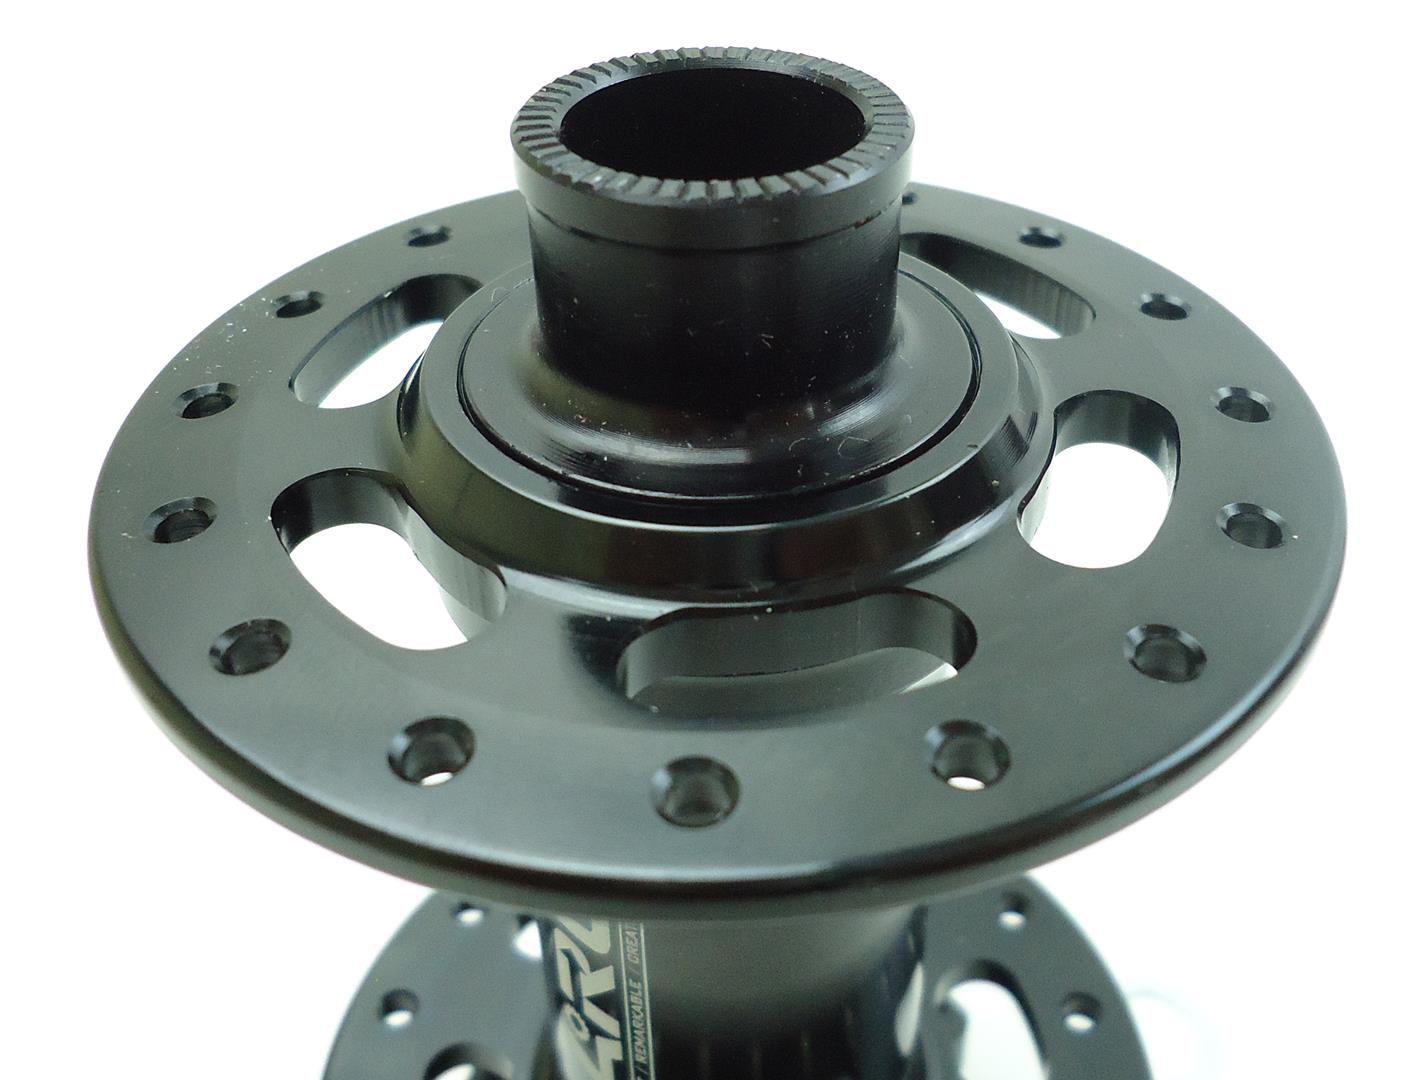 Cubo Dianteiro ARC Boost Eixo 15x110mm QR15 32 Furos com Rolamentos 150 gramas